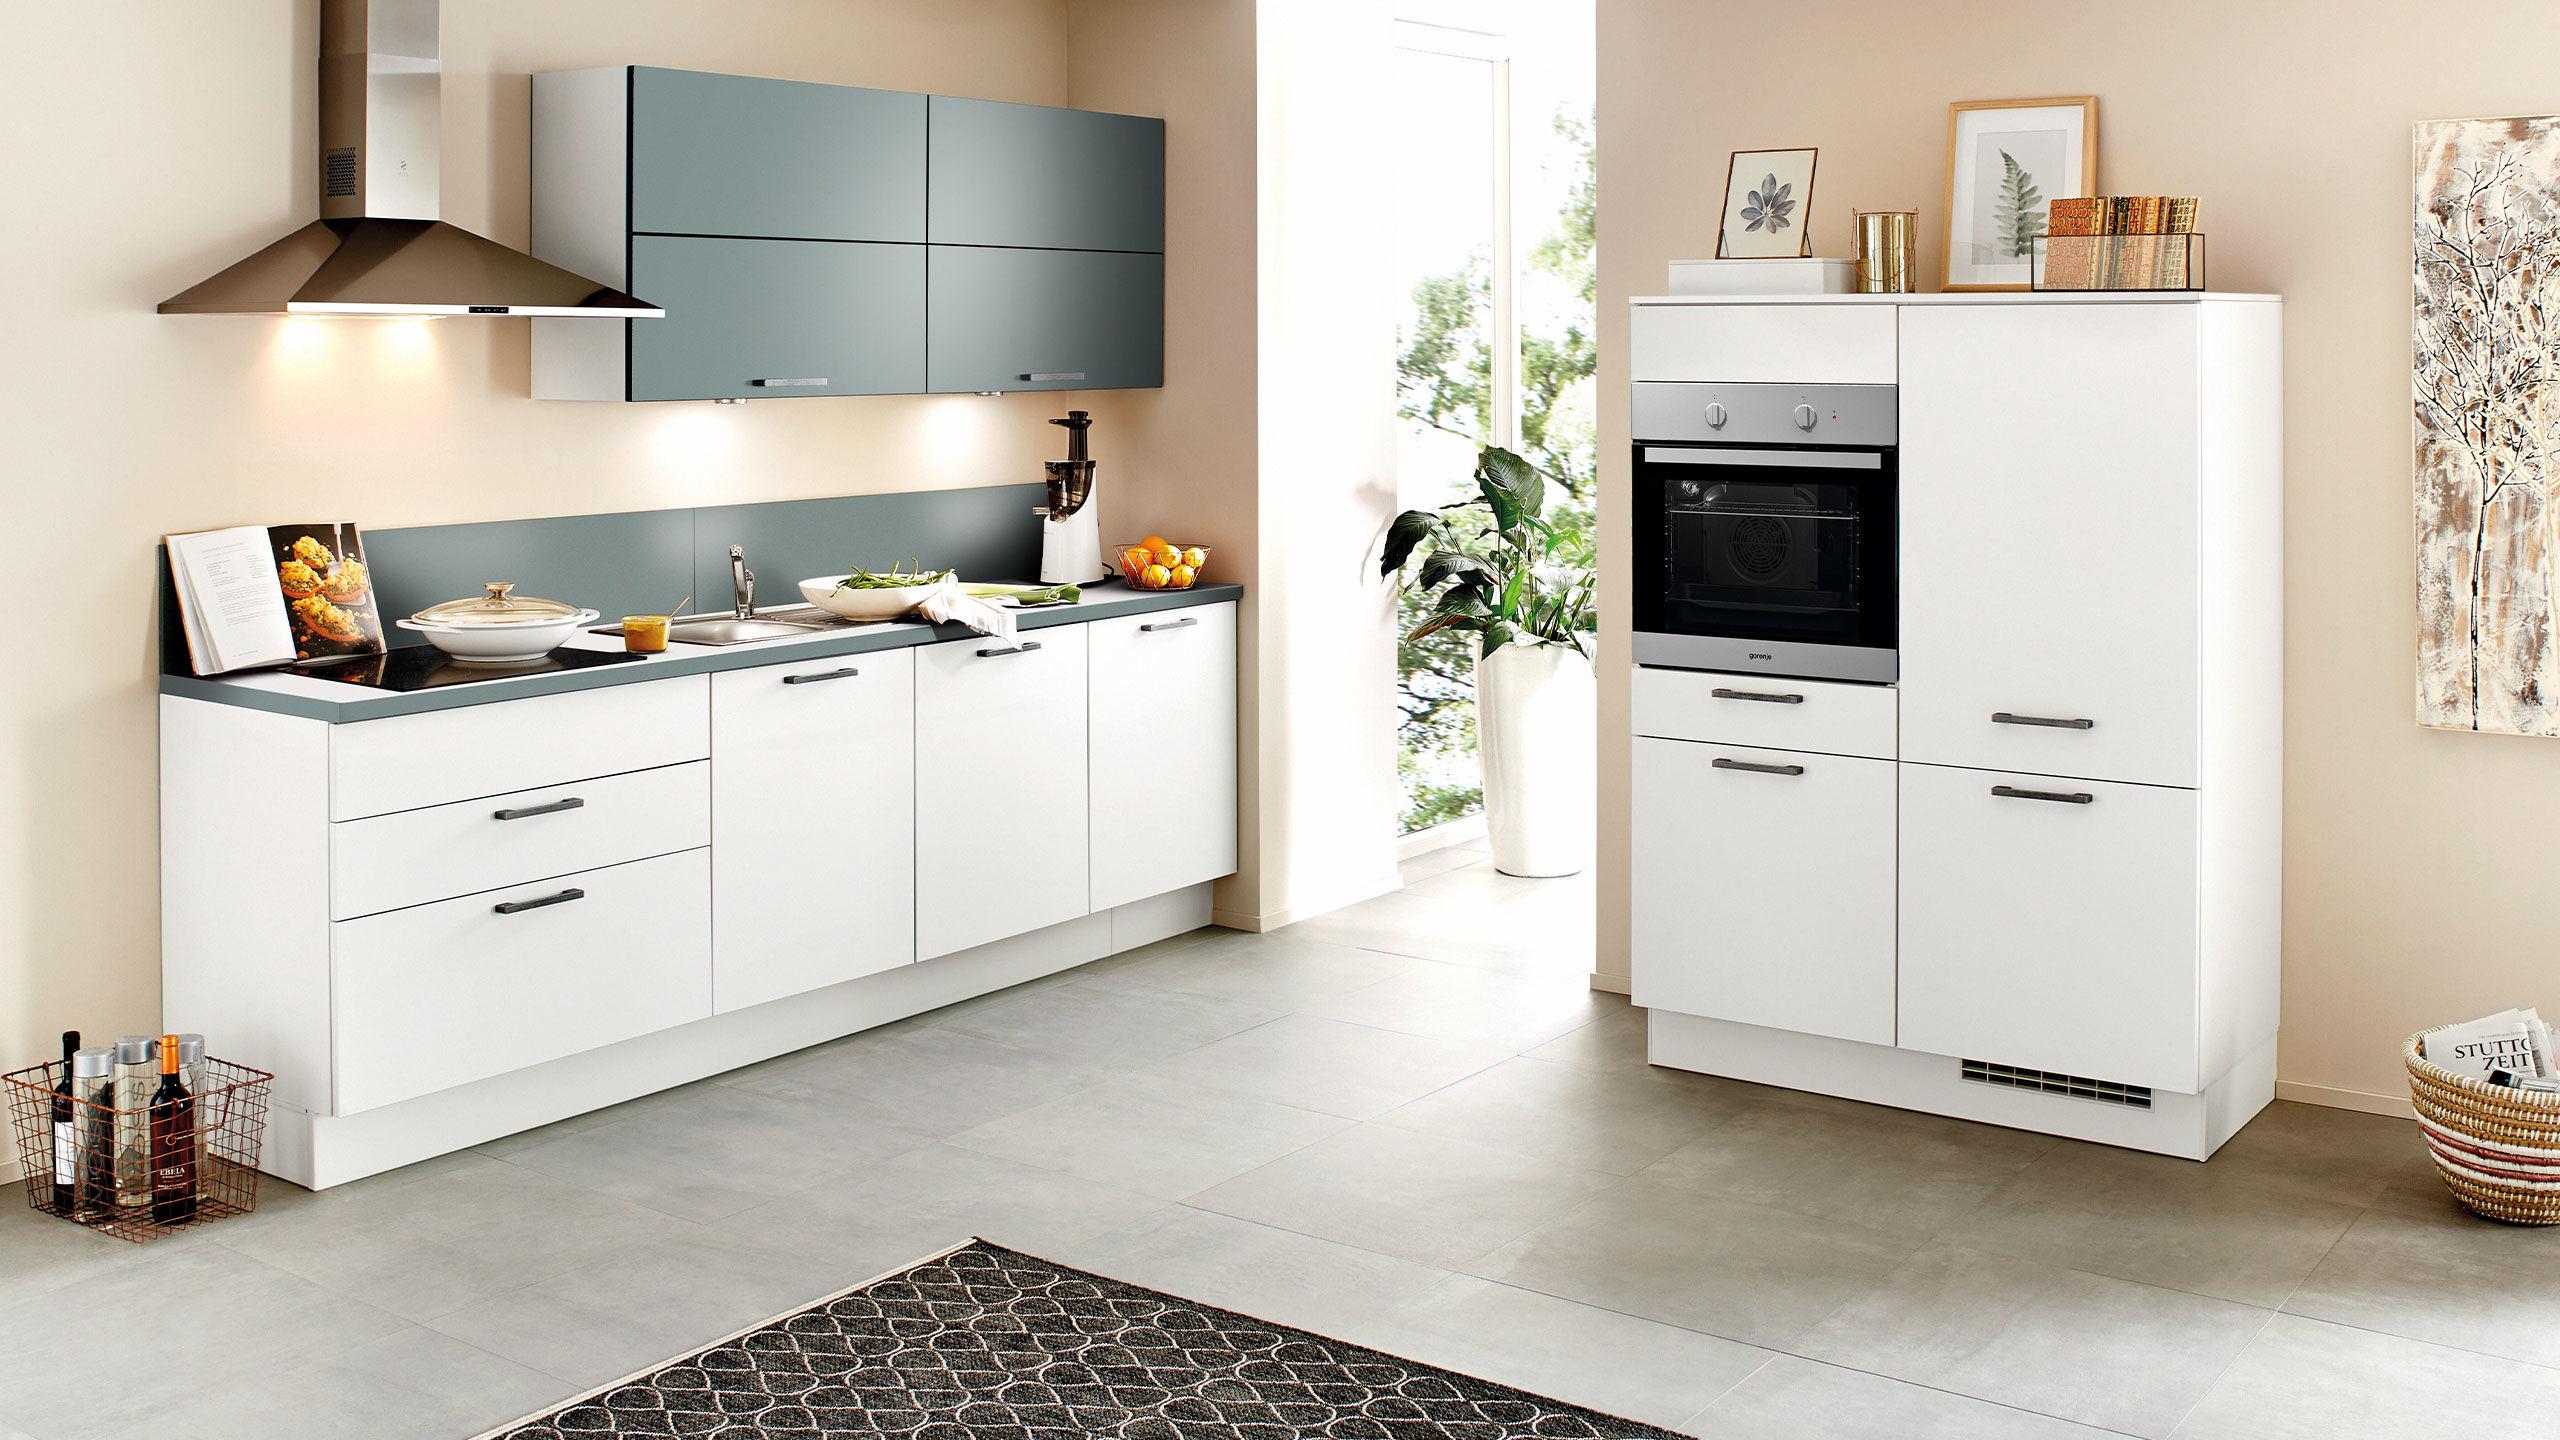 Full Size of Nobilia Alba Kche Touch 876 Wei Matt Betongrau Wandsticker Mit Küche Einbauküche Wohnzimmer Nobilia Alba